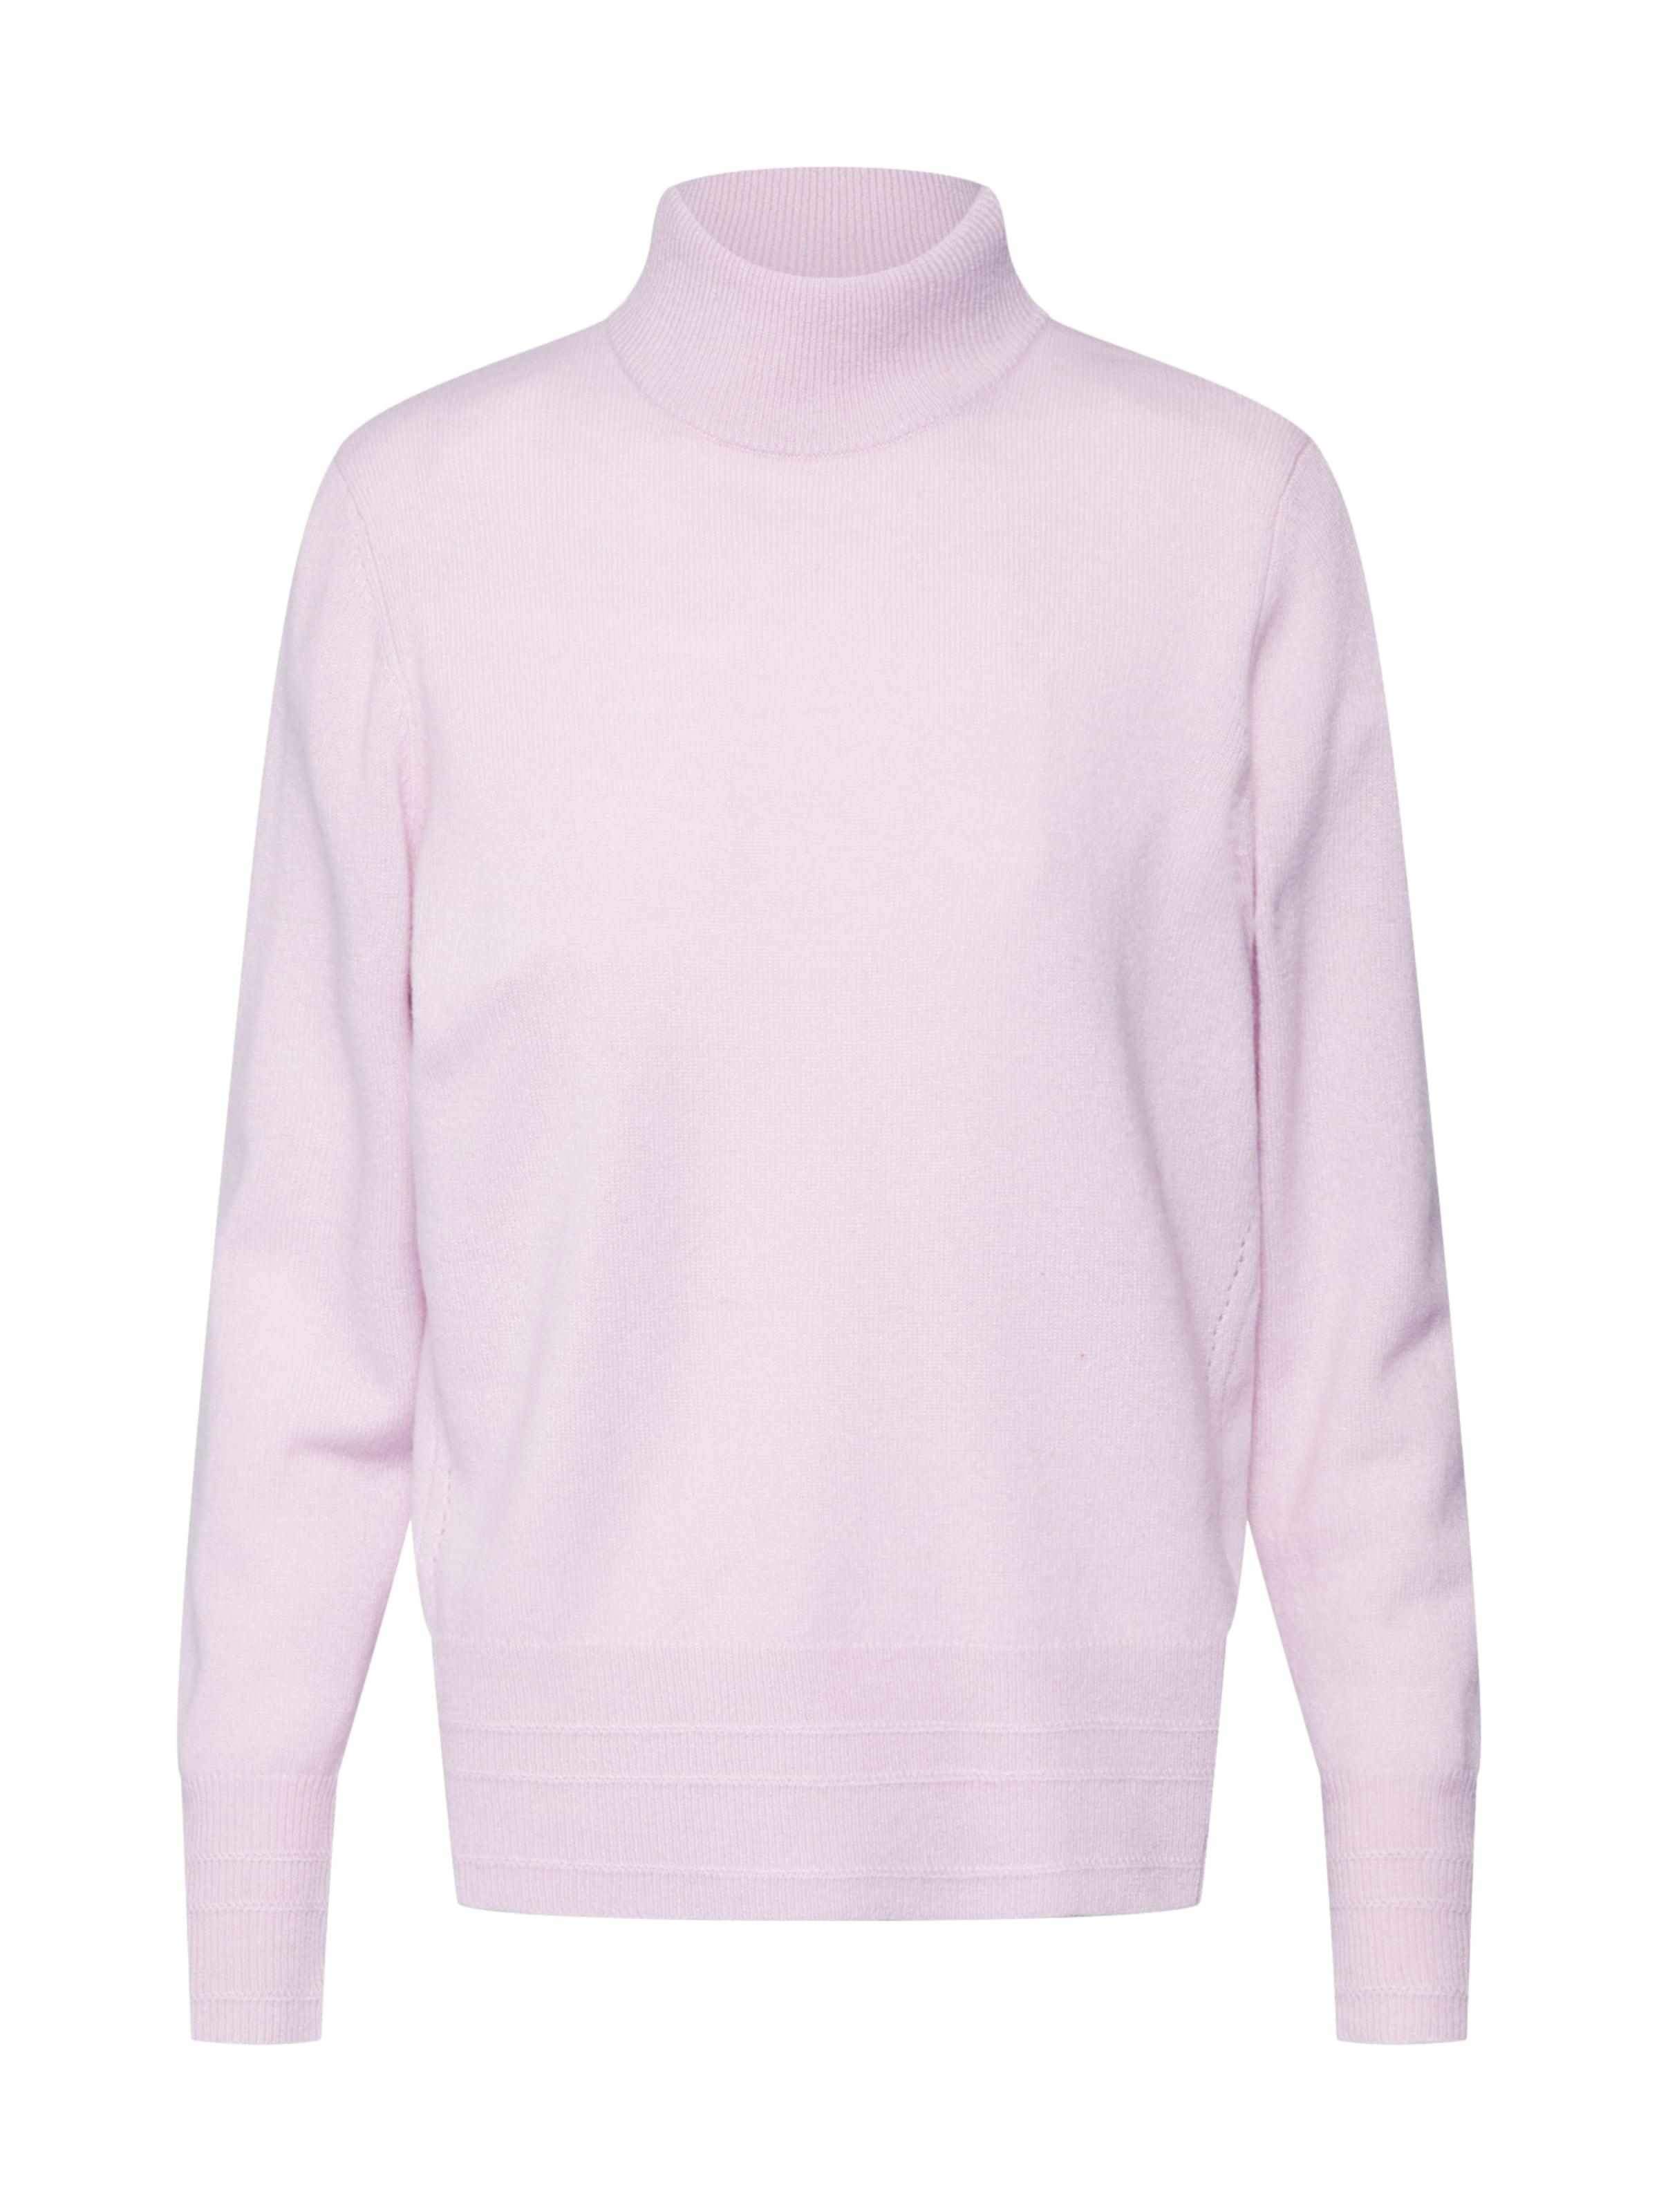 alett 'lr Levete Pullover 5' Room In Rosa j3A5Lqc4SR